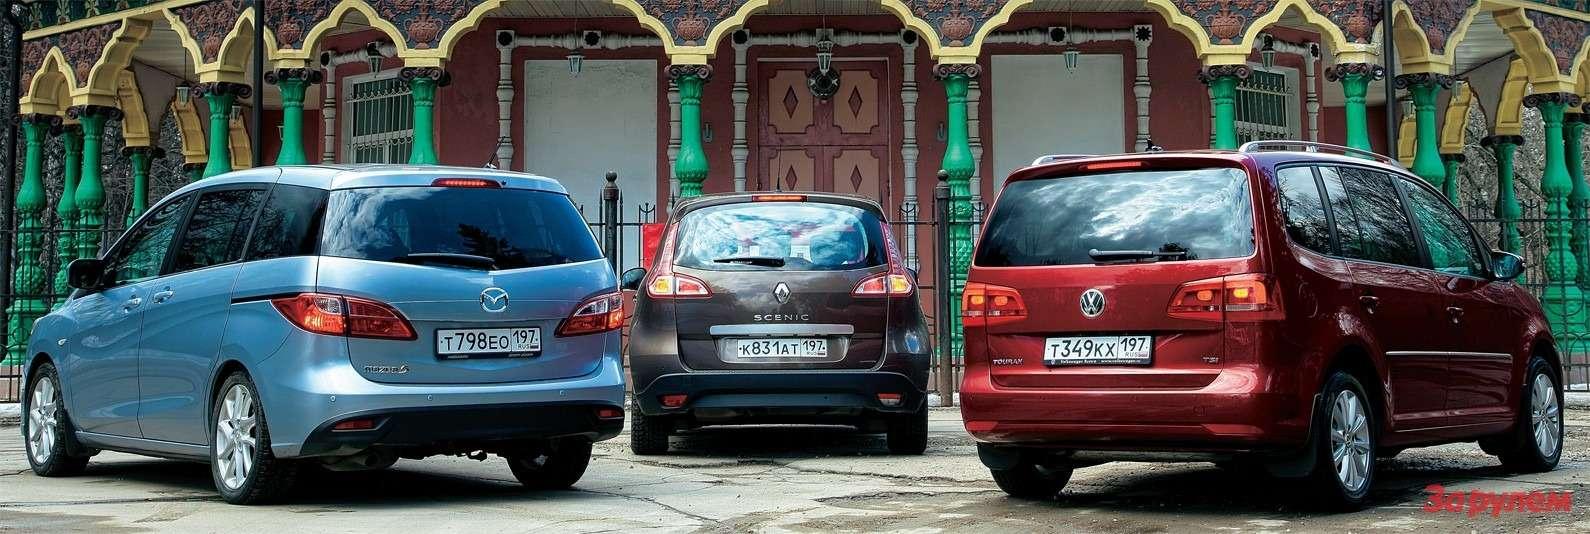 Mazda 5, Renault Scenic, Volkswagen Touran